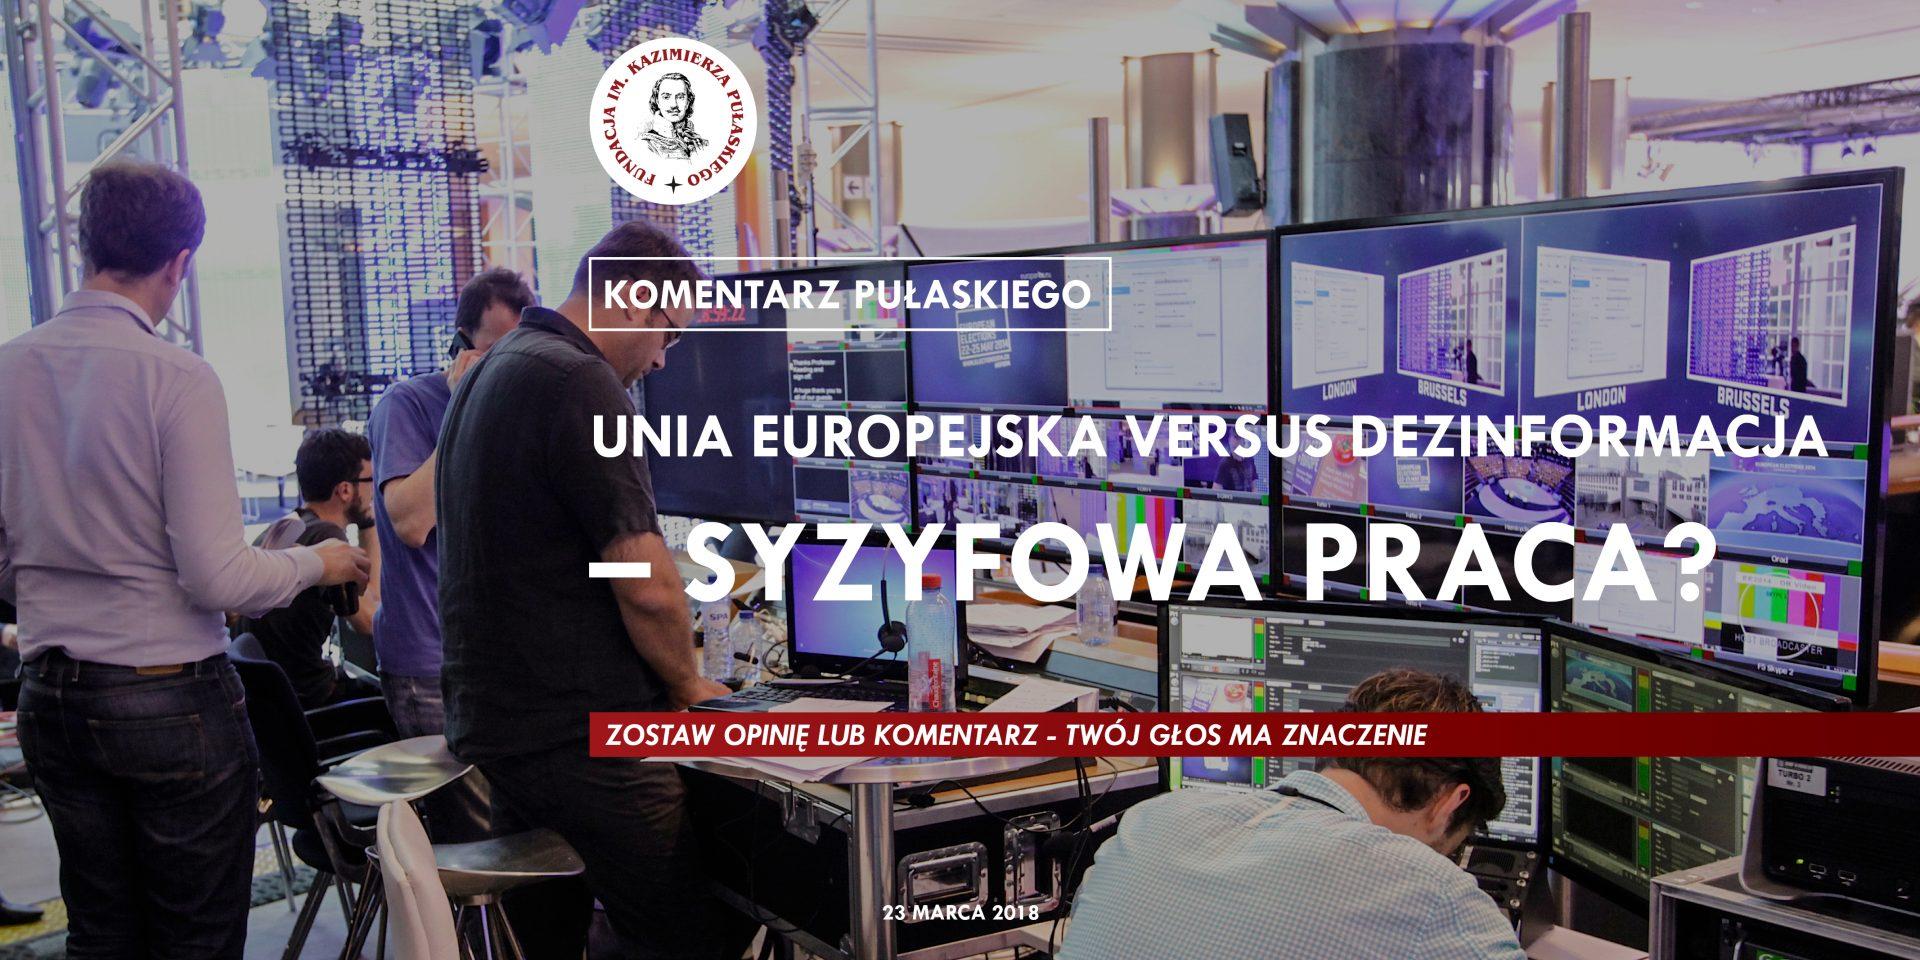 KOMENTARZ PUŁASKIEGO – P.Chomicka: Unia Europejska versus Dezinformacja – syzyfowa praca?